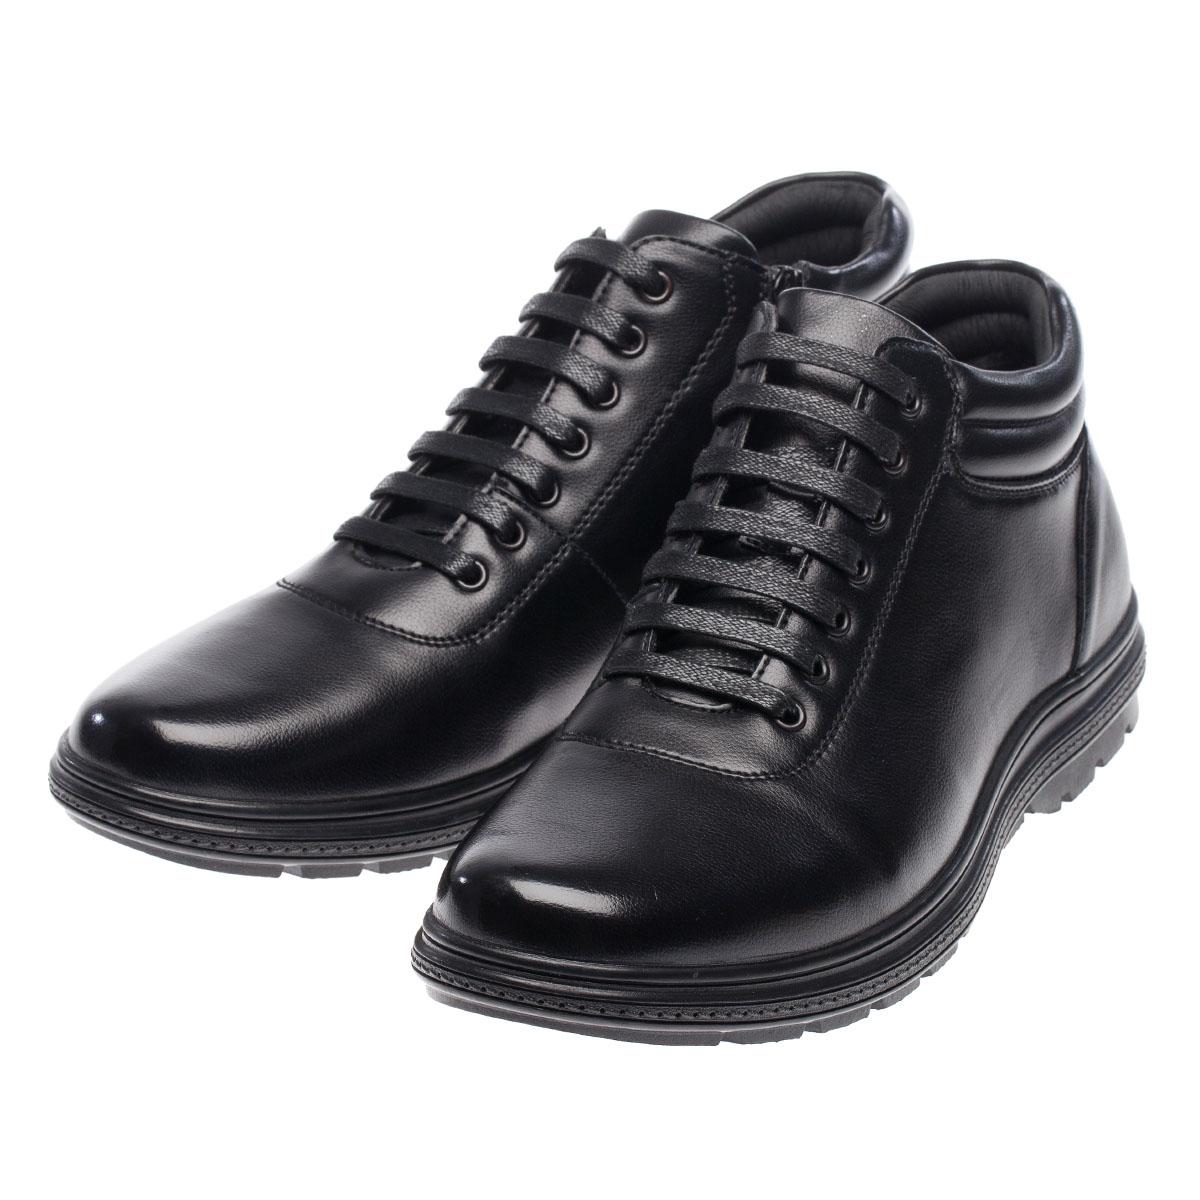 Фото - Ботинки демисезонные FERTO, M026-1 ботинки демисезонные ferto skl 008